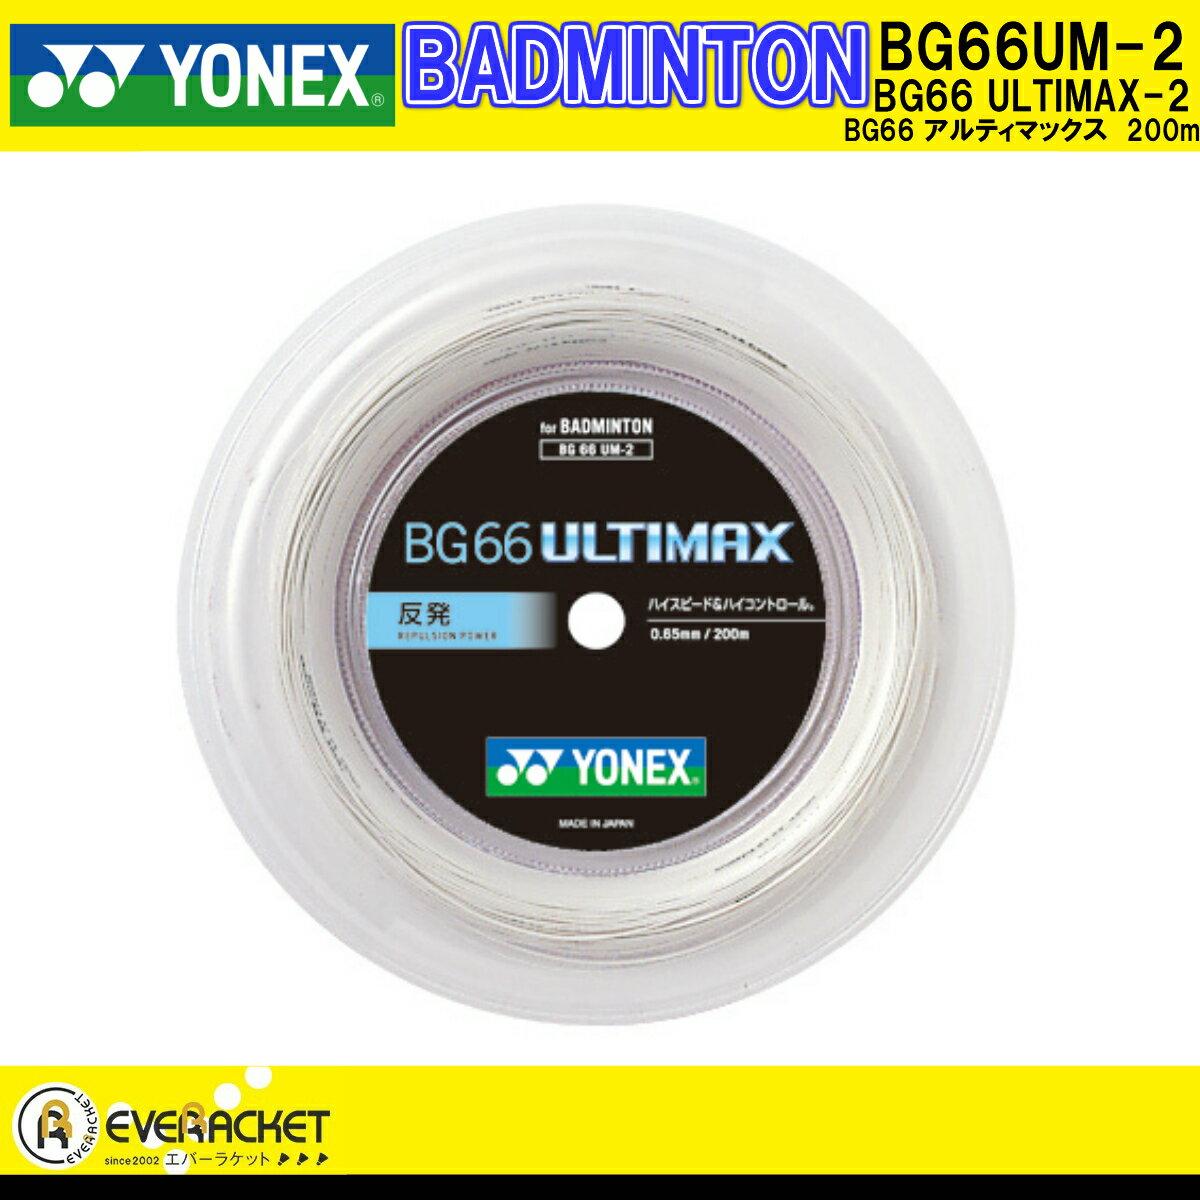 【激安ガット】YONEX ヨネックス バドミントン バドミントンストリング ガット BG66アルティマックス200m BG66UM-2